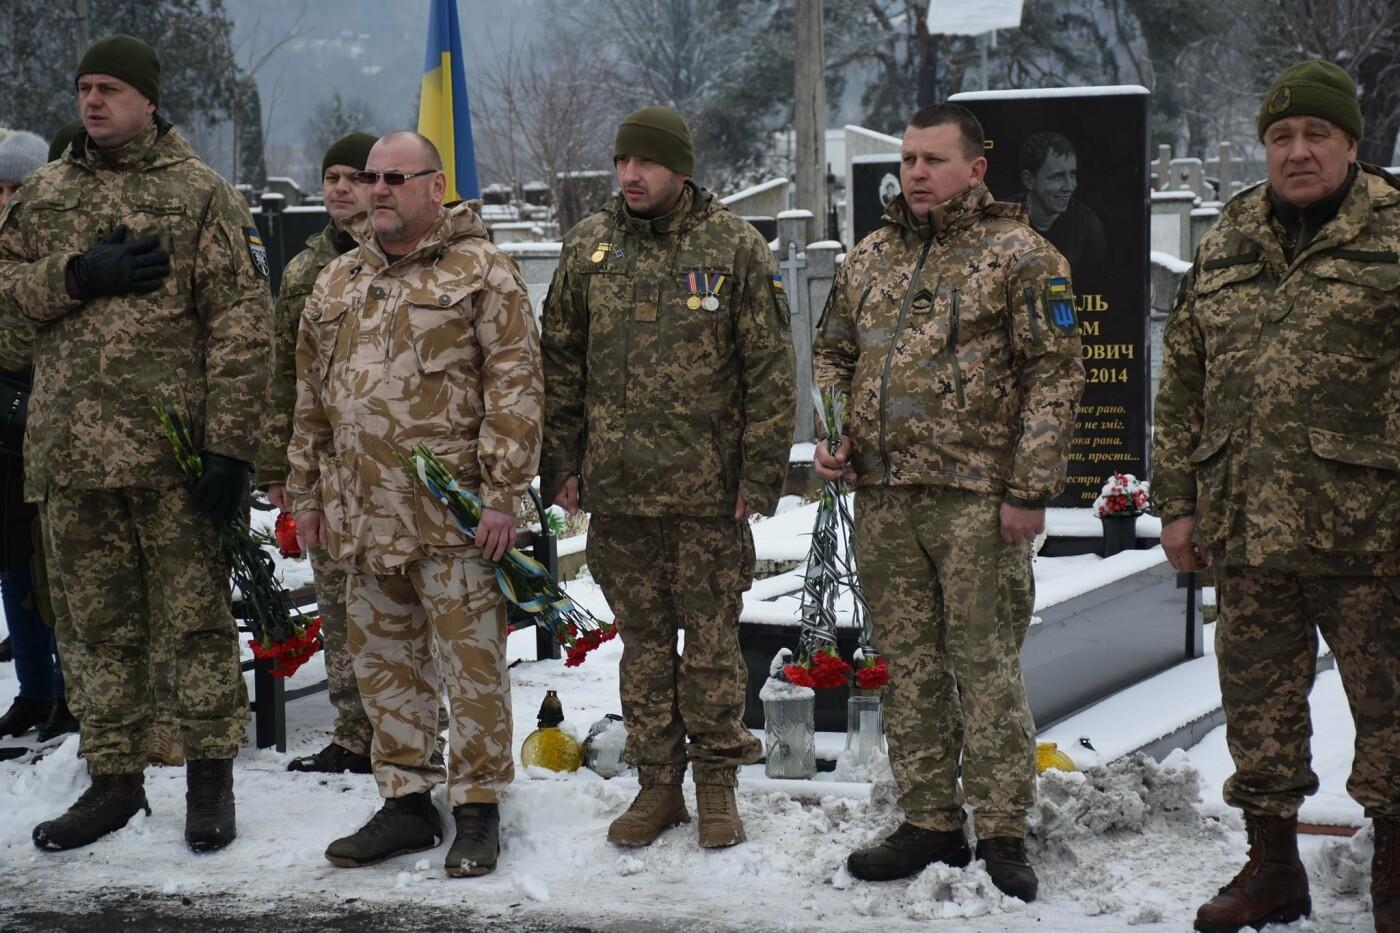 На Закарпатті вшанували пам'ять бійців, загиблих у Дебальцево (ФОТО), фото-3